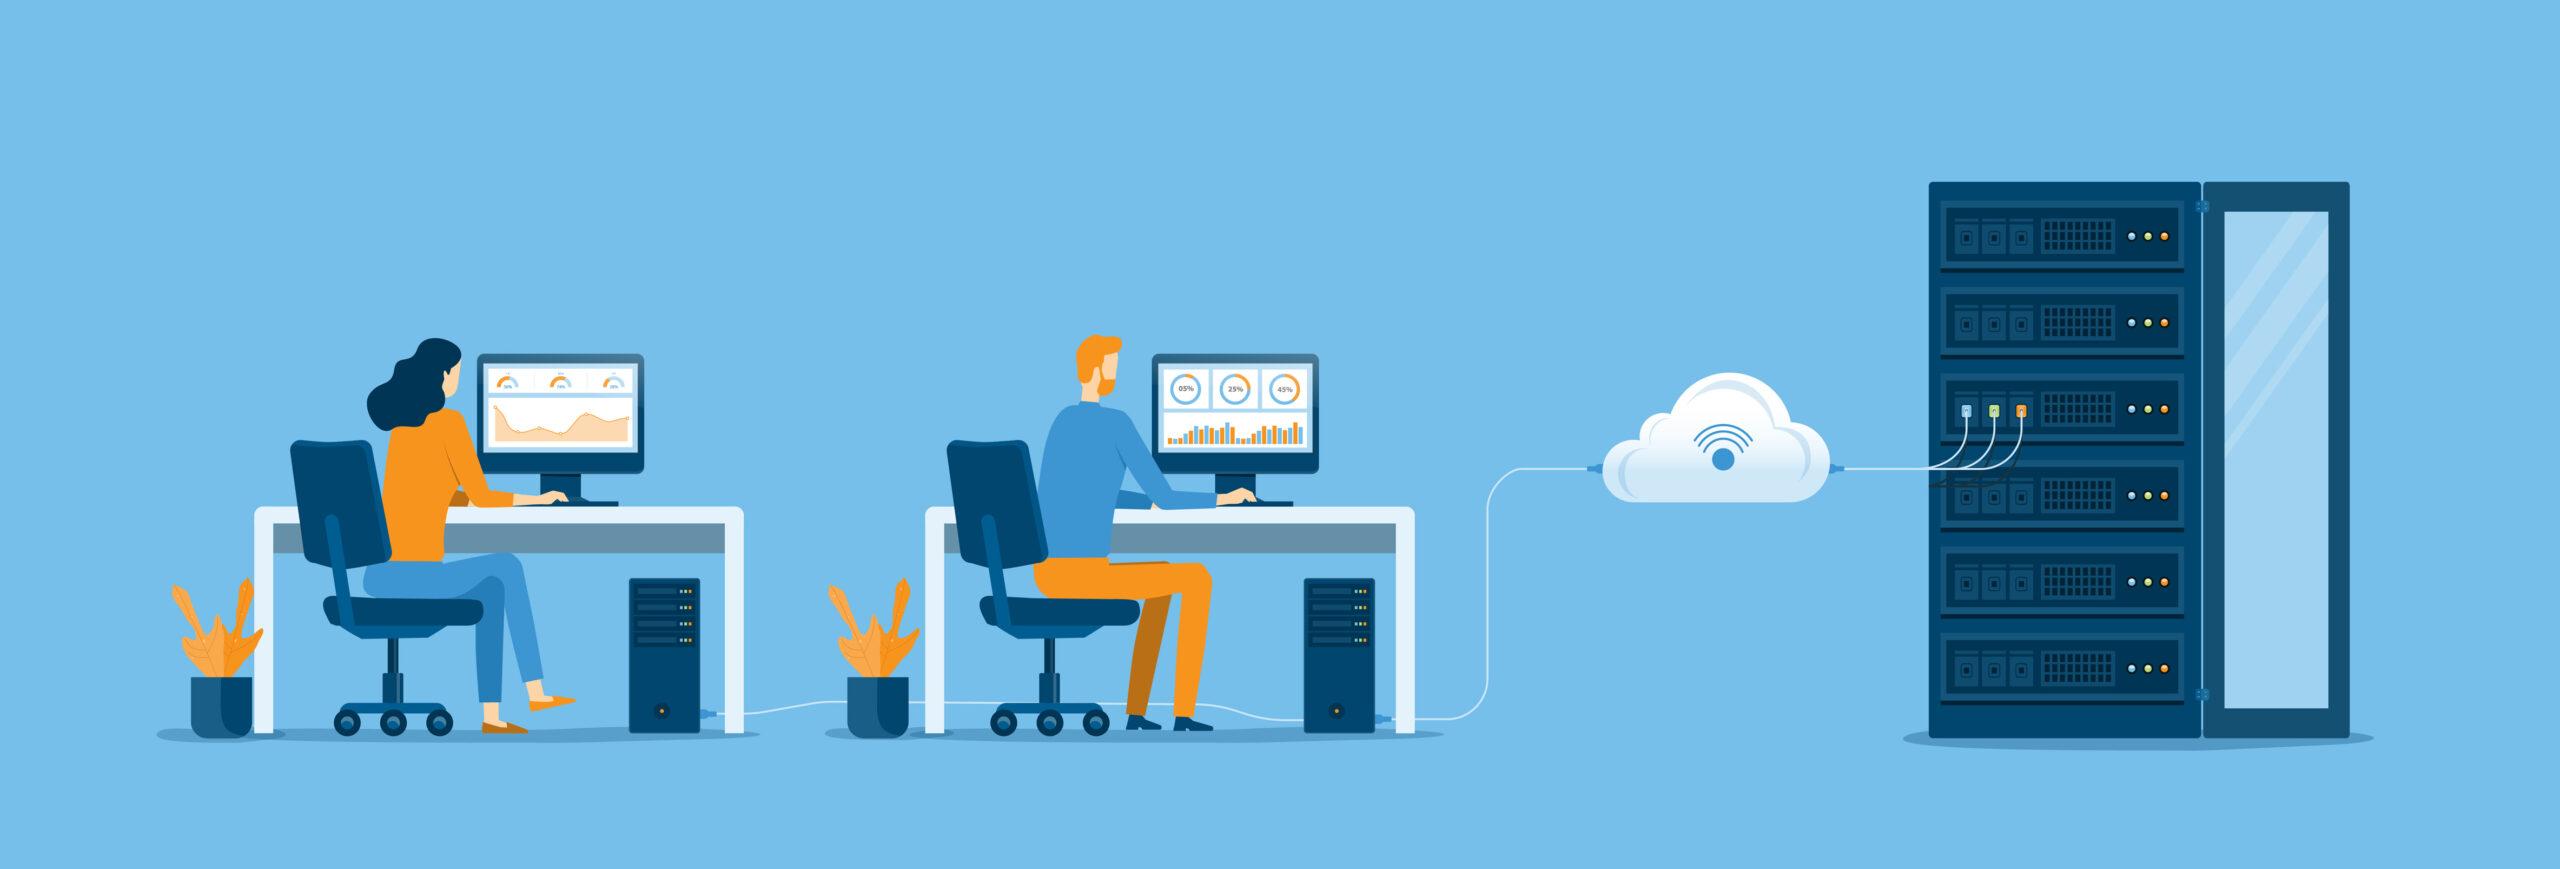 Visualisierung von Cloud Computing